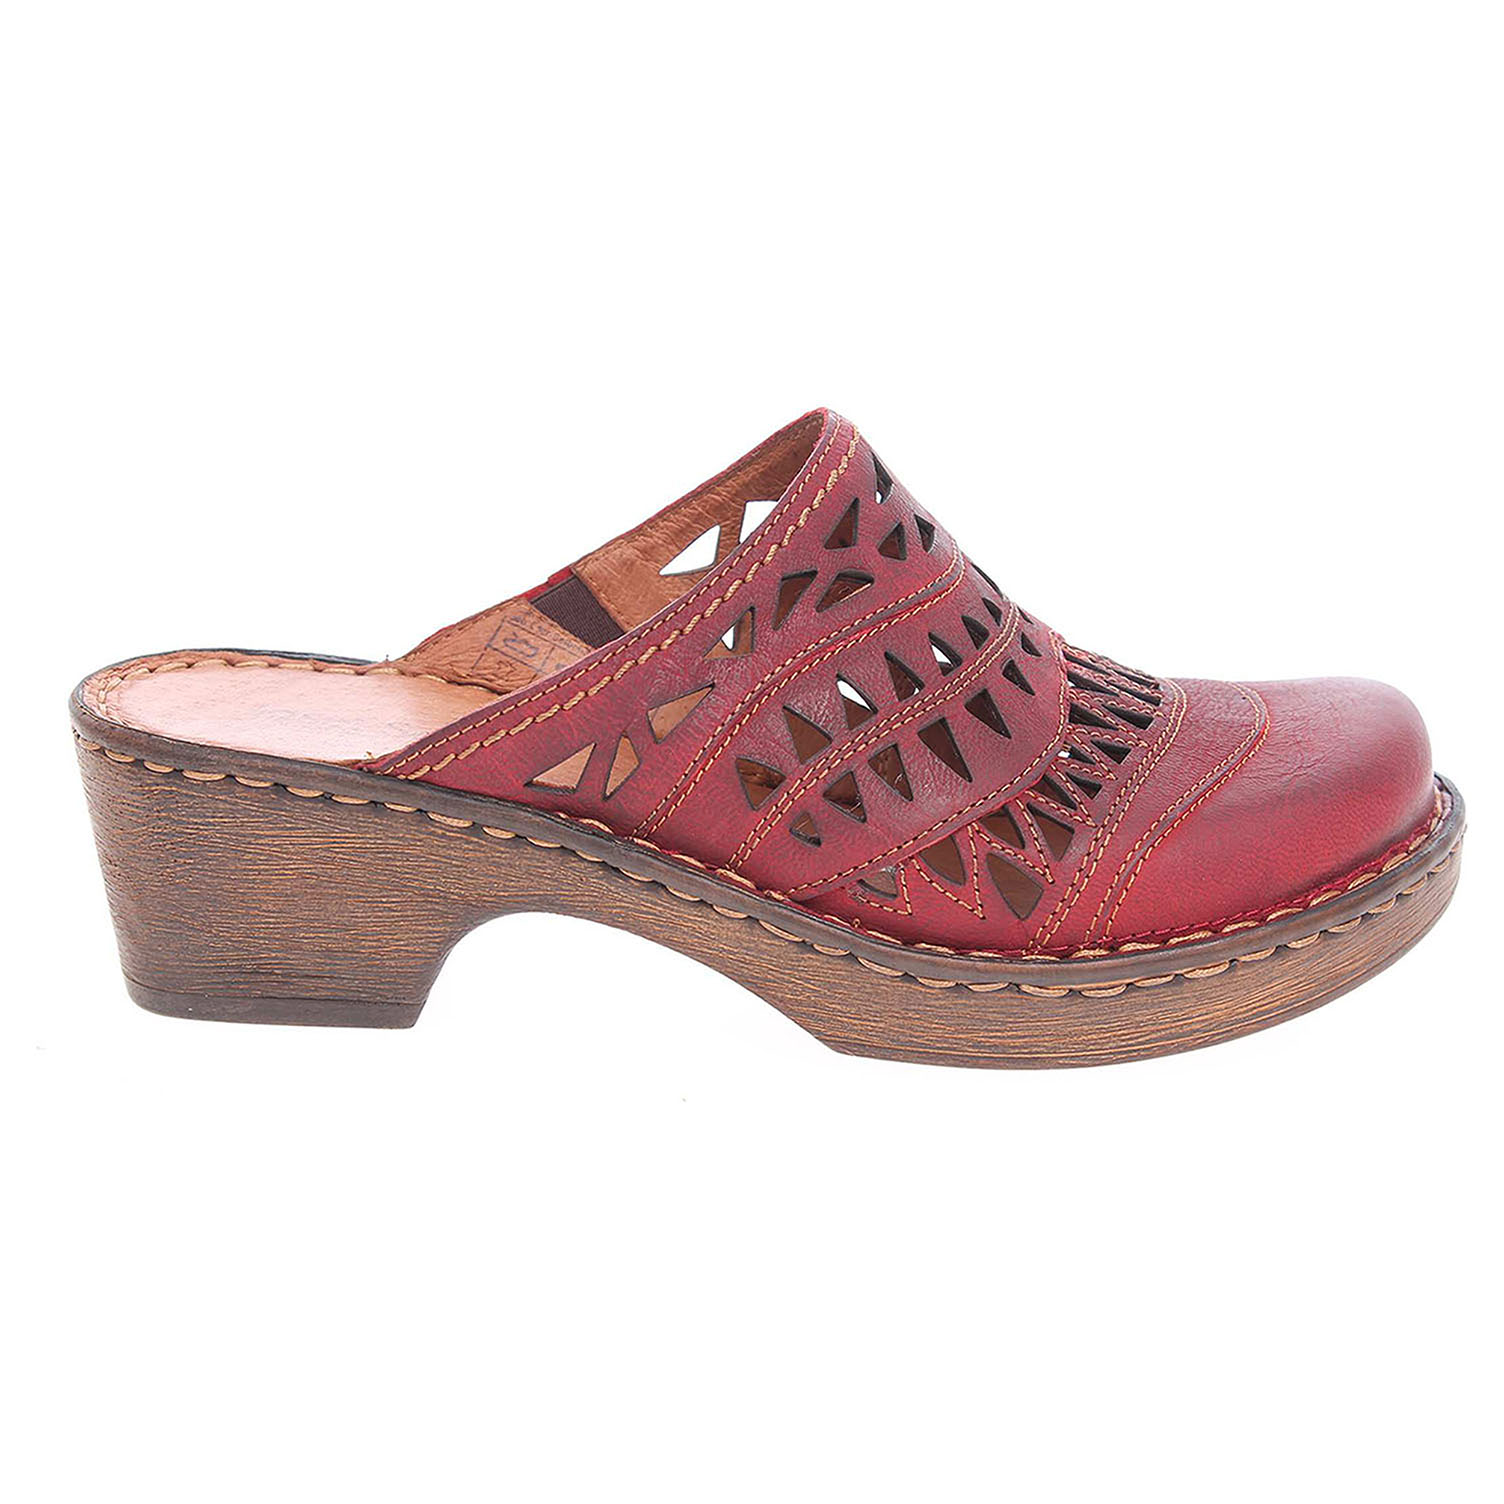 Ecco Josef Seibel dámské pantofle 62949 720400 červené 23600811